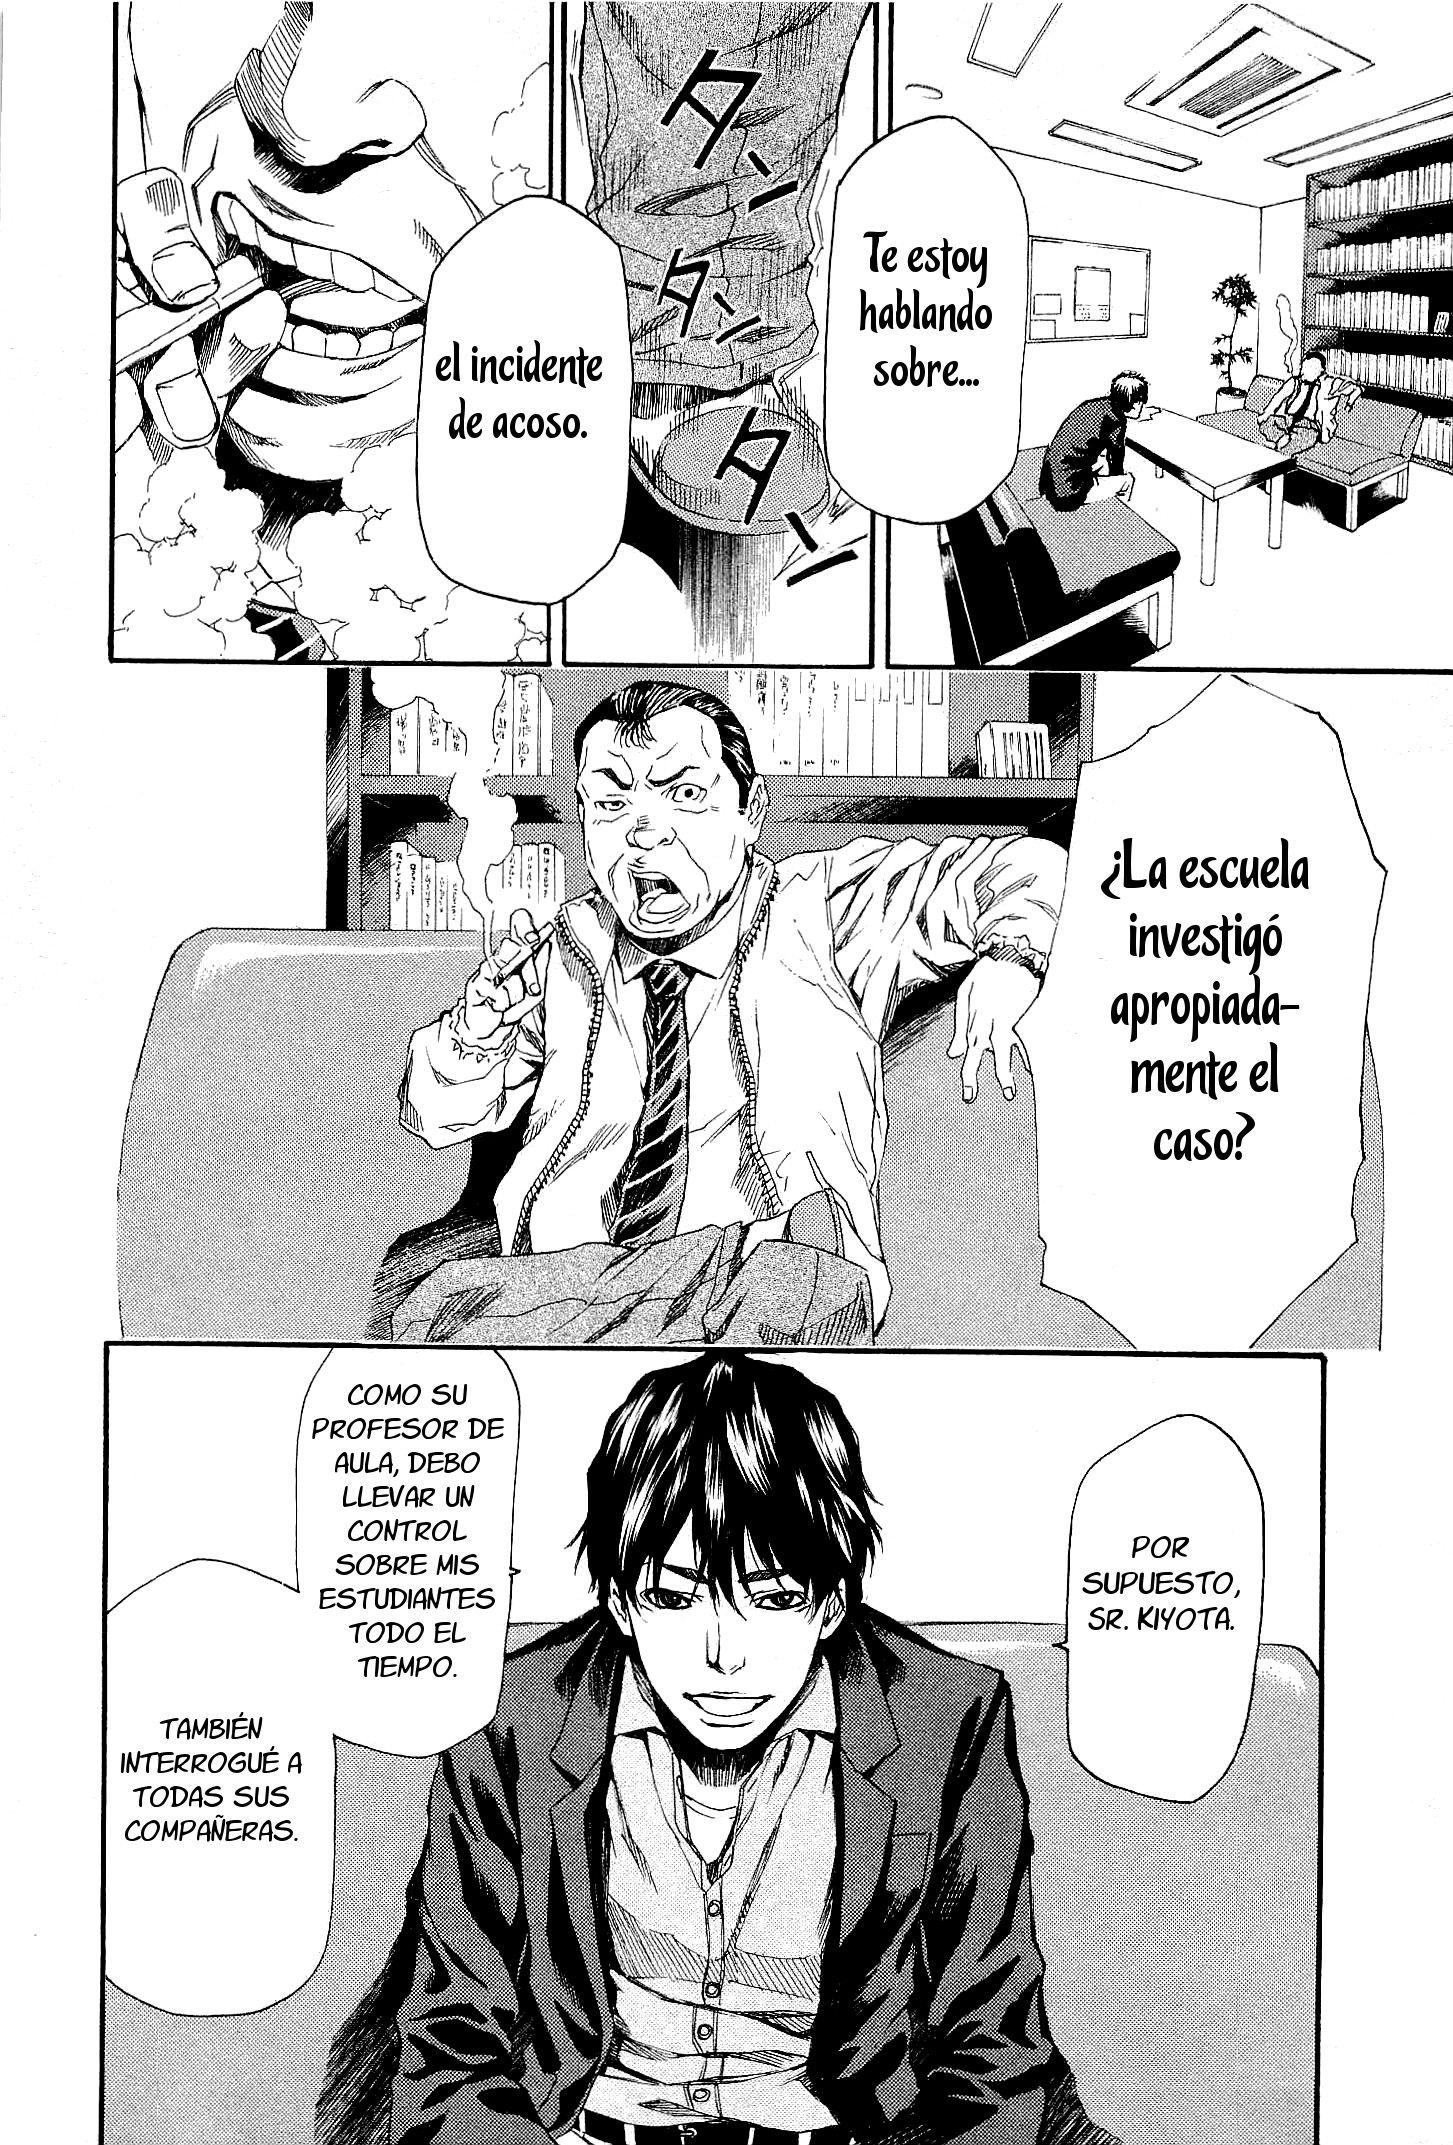 http://c5.ninemanga.com/es_manga/pic2/3/19523/518613/f6ada47e77d9937a5af80b8f4c3826cf.jpg Page 3